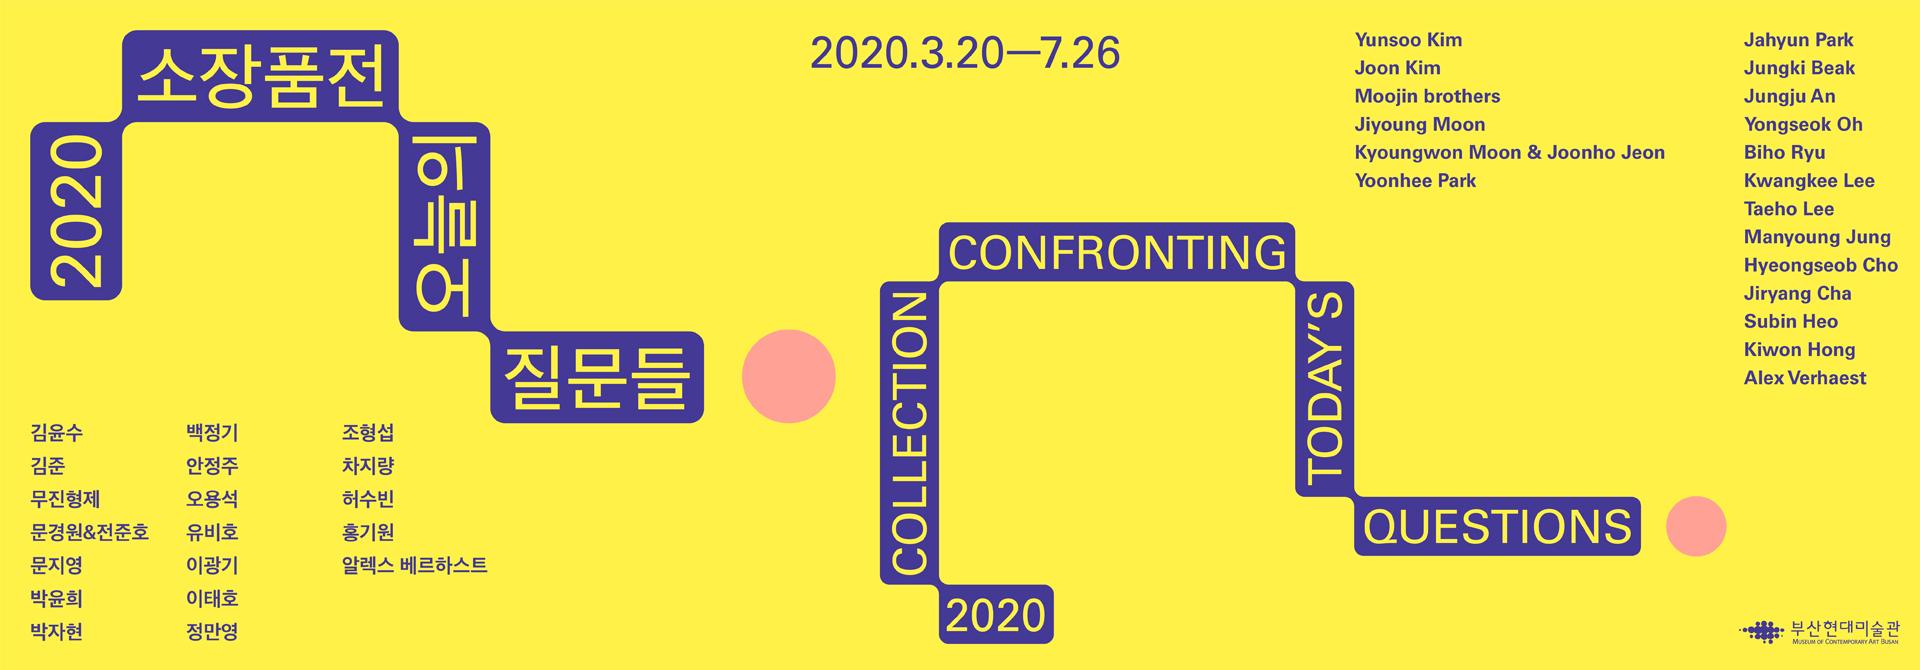 2020소장품전 : 오늘의 질문들 2020.3.20. - 7.26. / 1층 전시실1